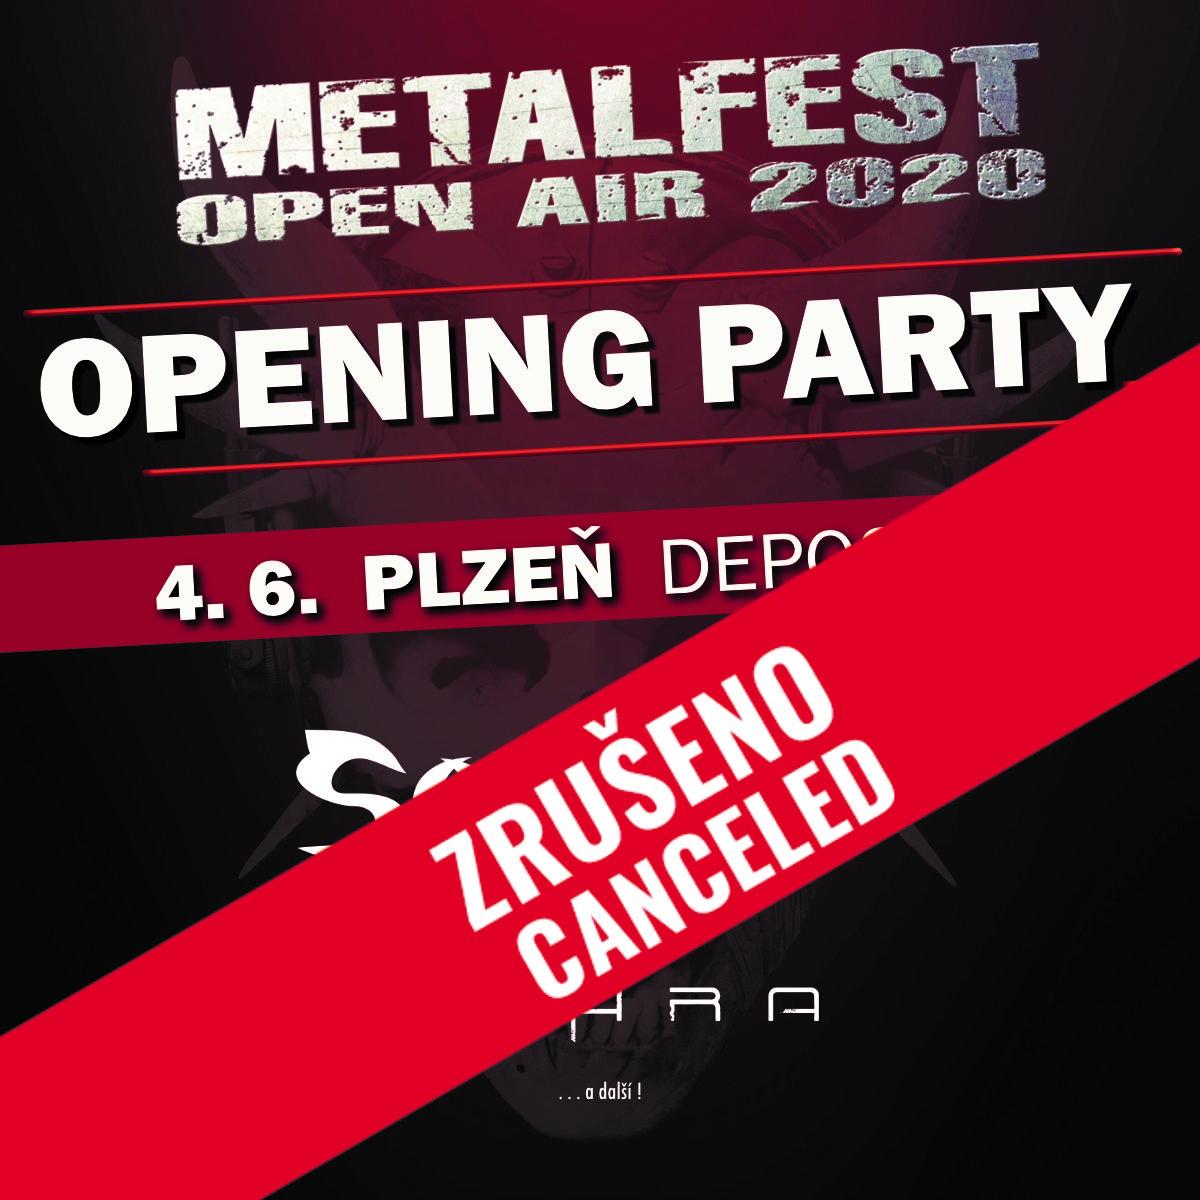 Metalfest Opening Party<br>Soulfly, Cyhra<br>Platné pouze se vstupenkou/páskou na Metalfest